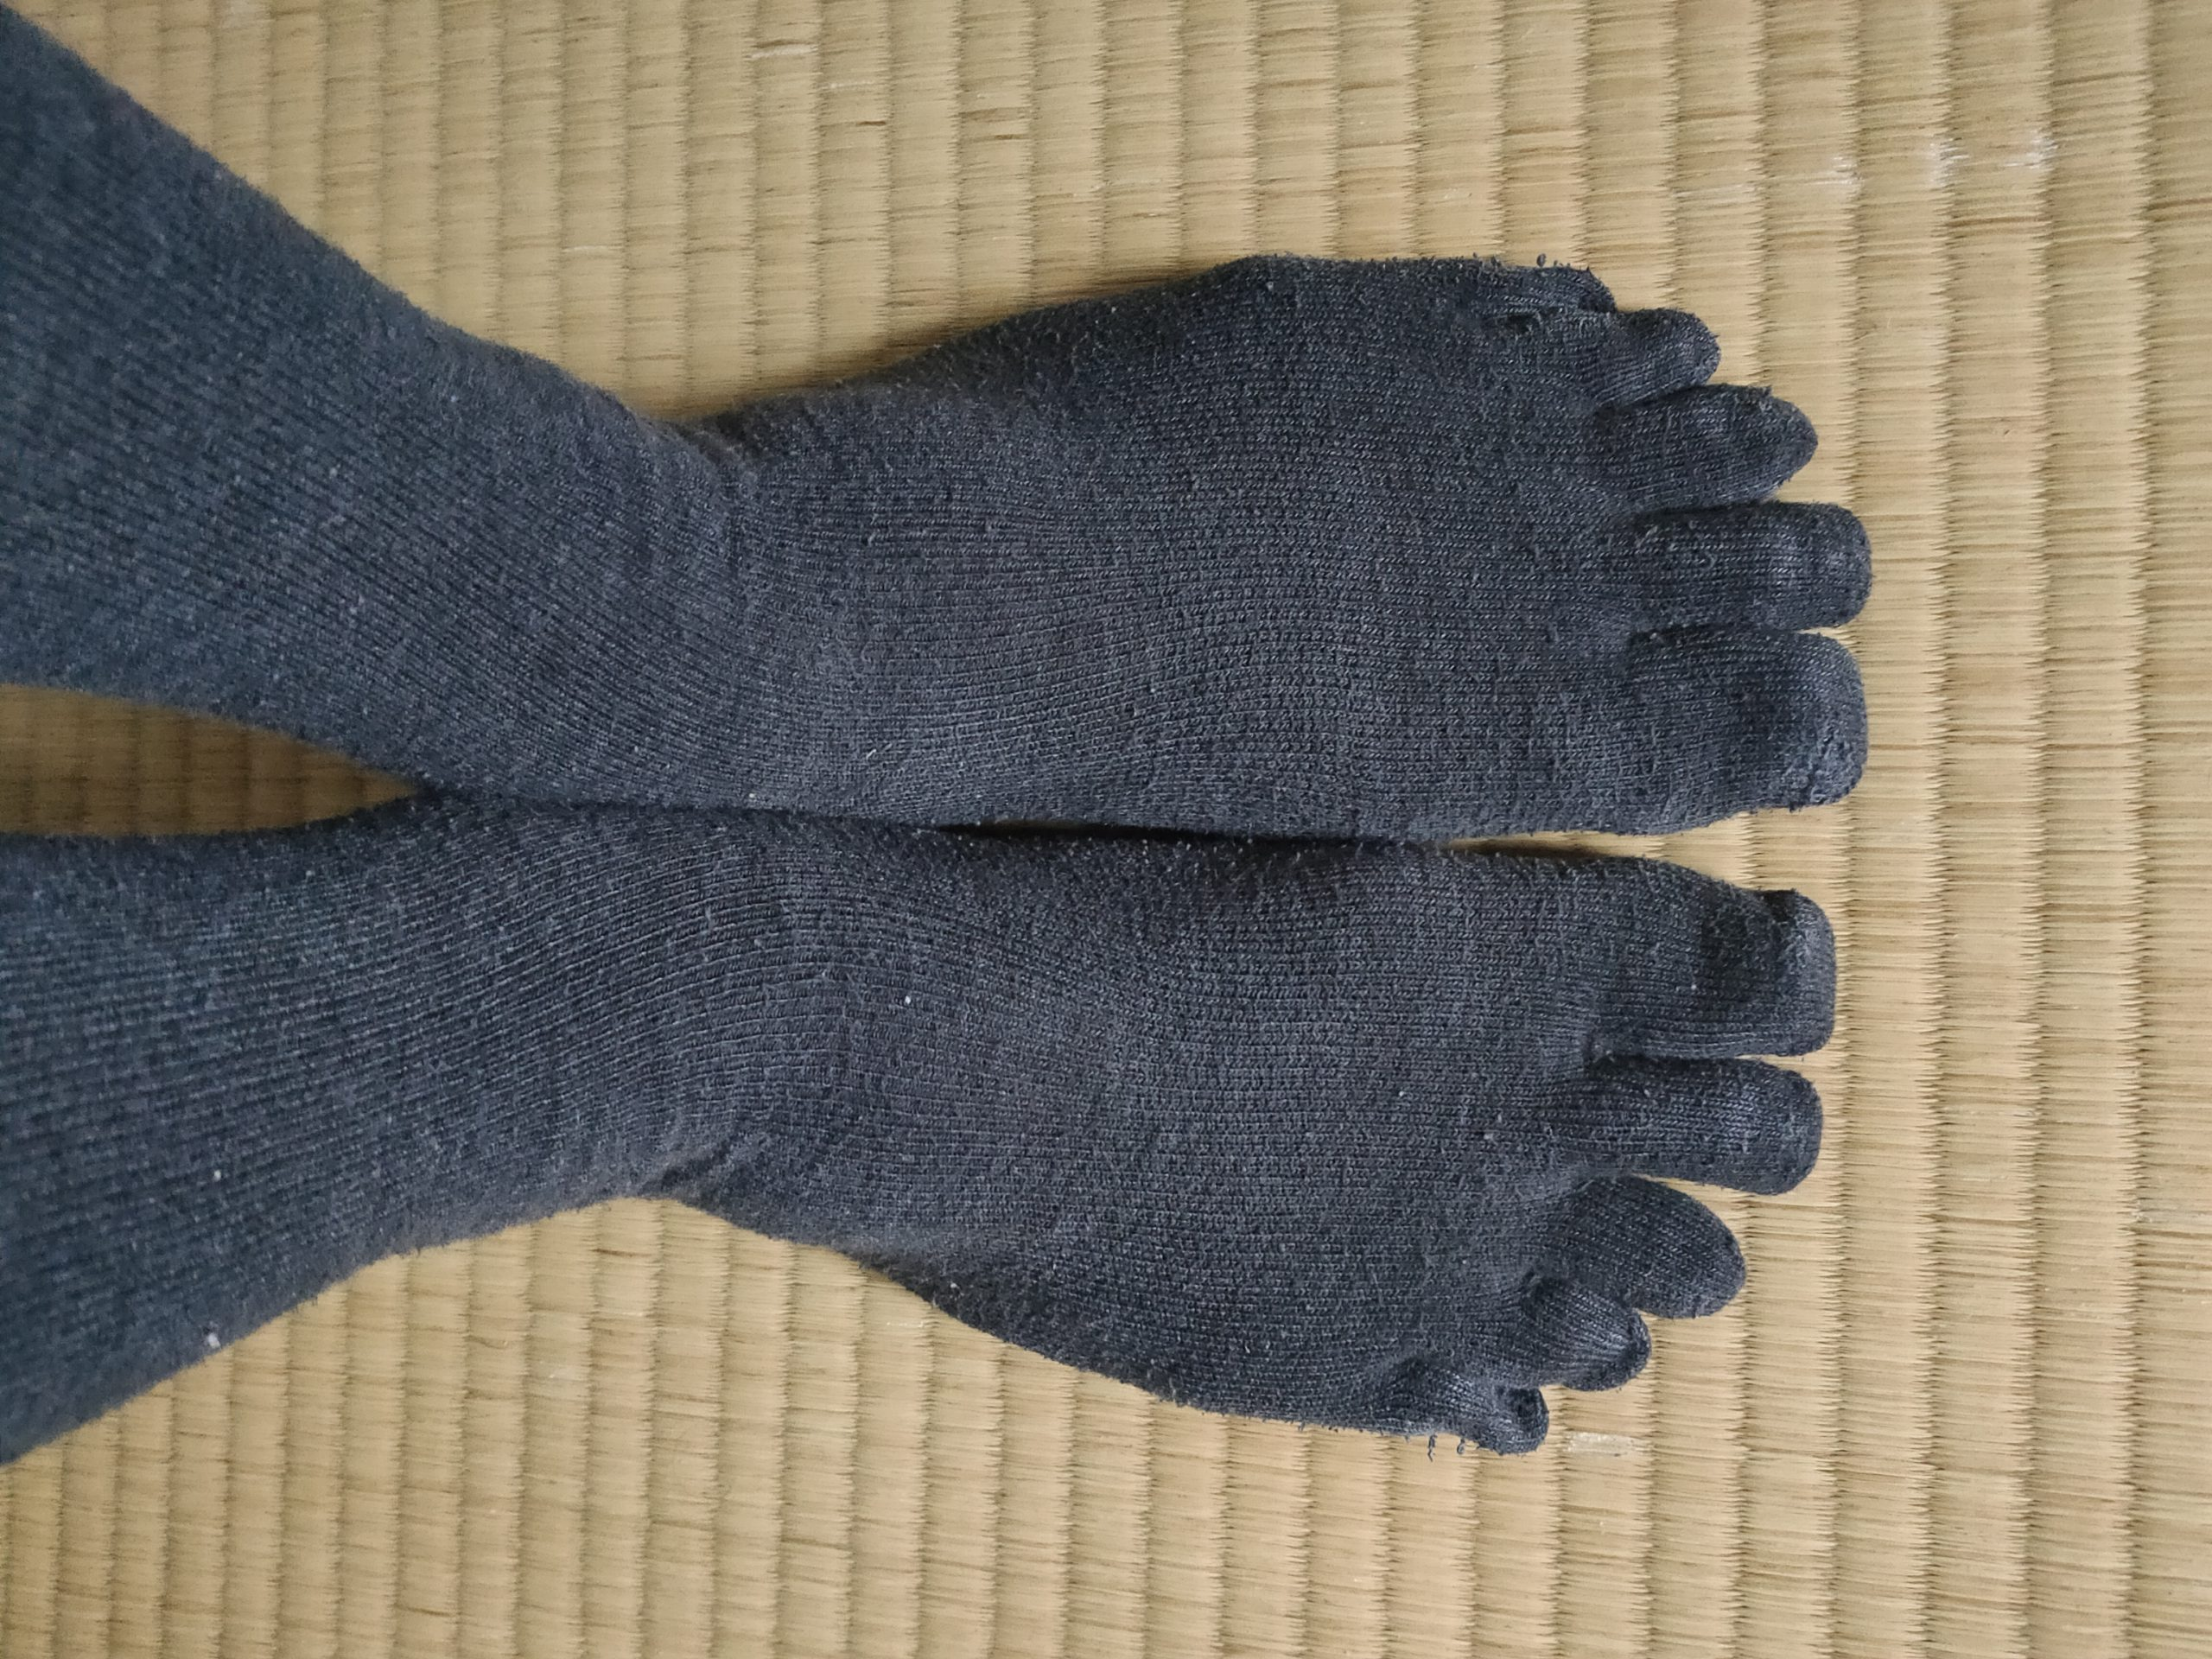 五本指靴下はおすすめだよ!